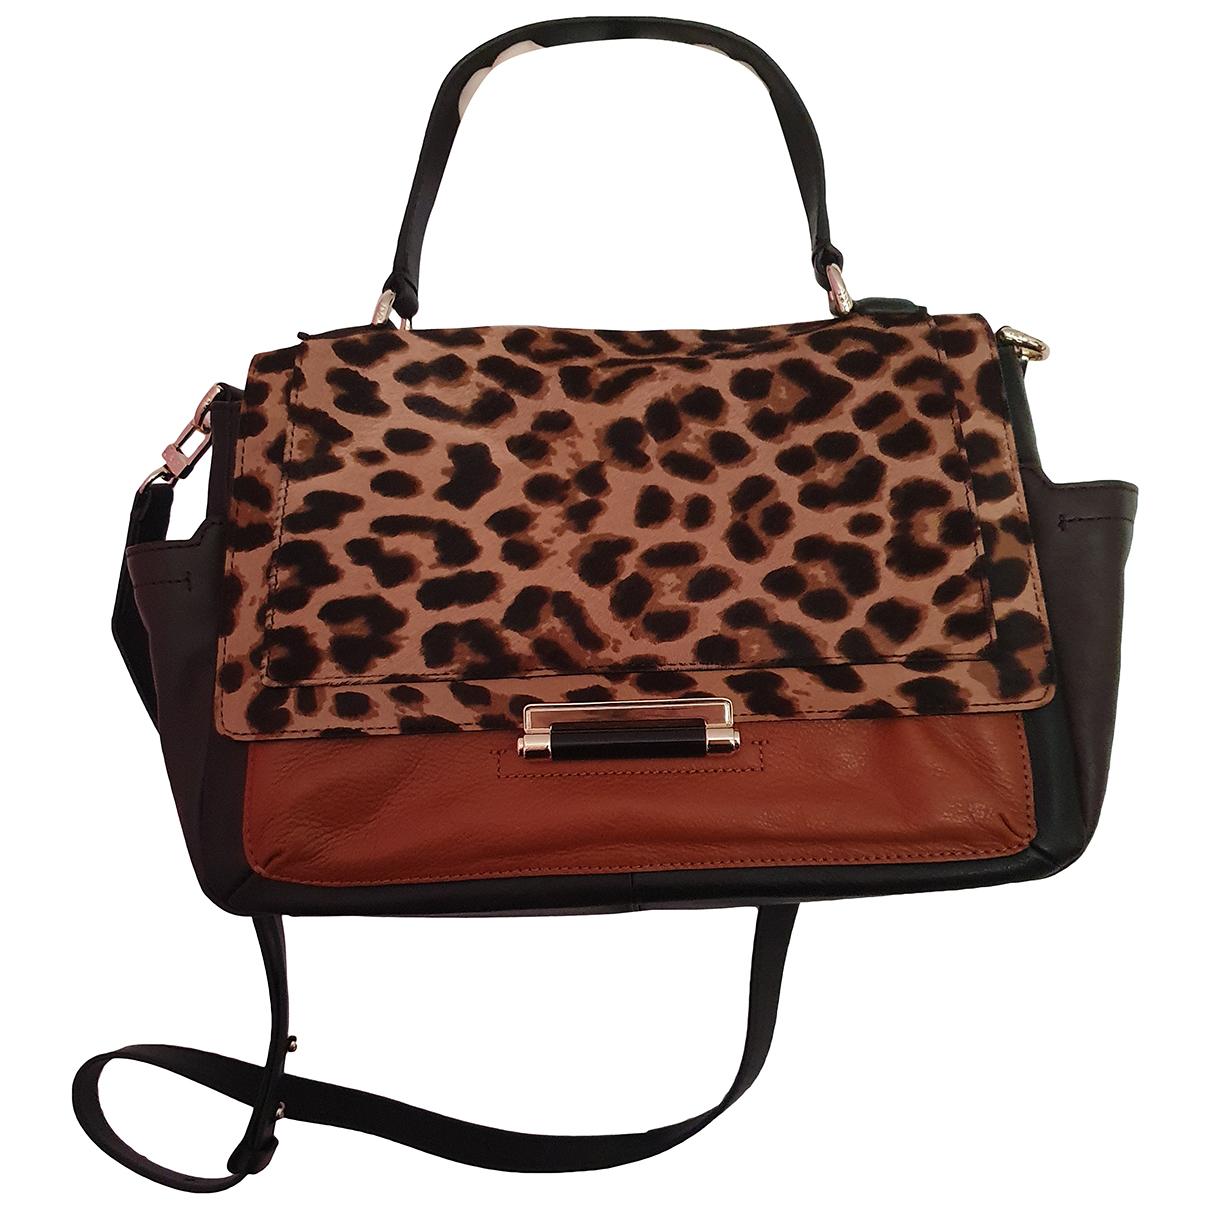 Diane Von Furstenberg N Brown Leather handbag for Women N